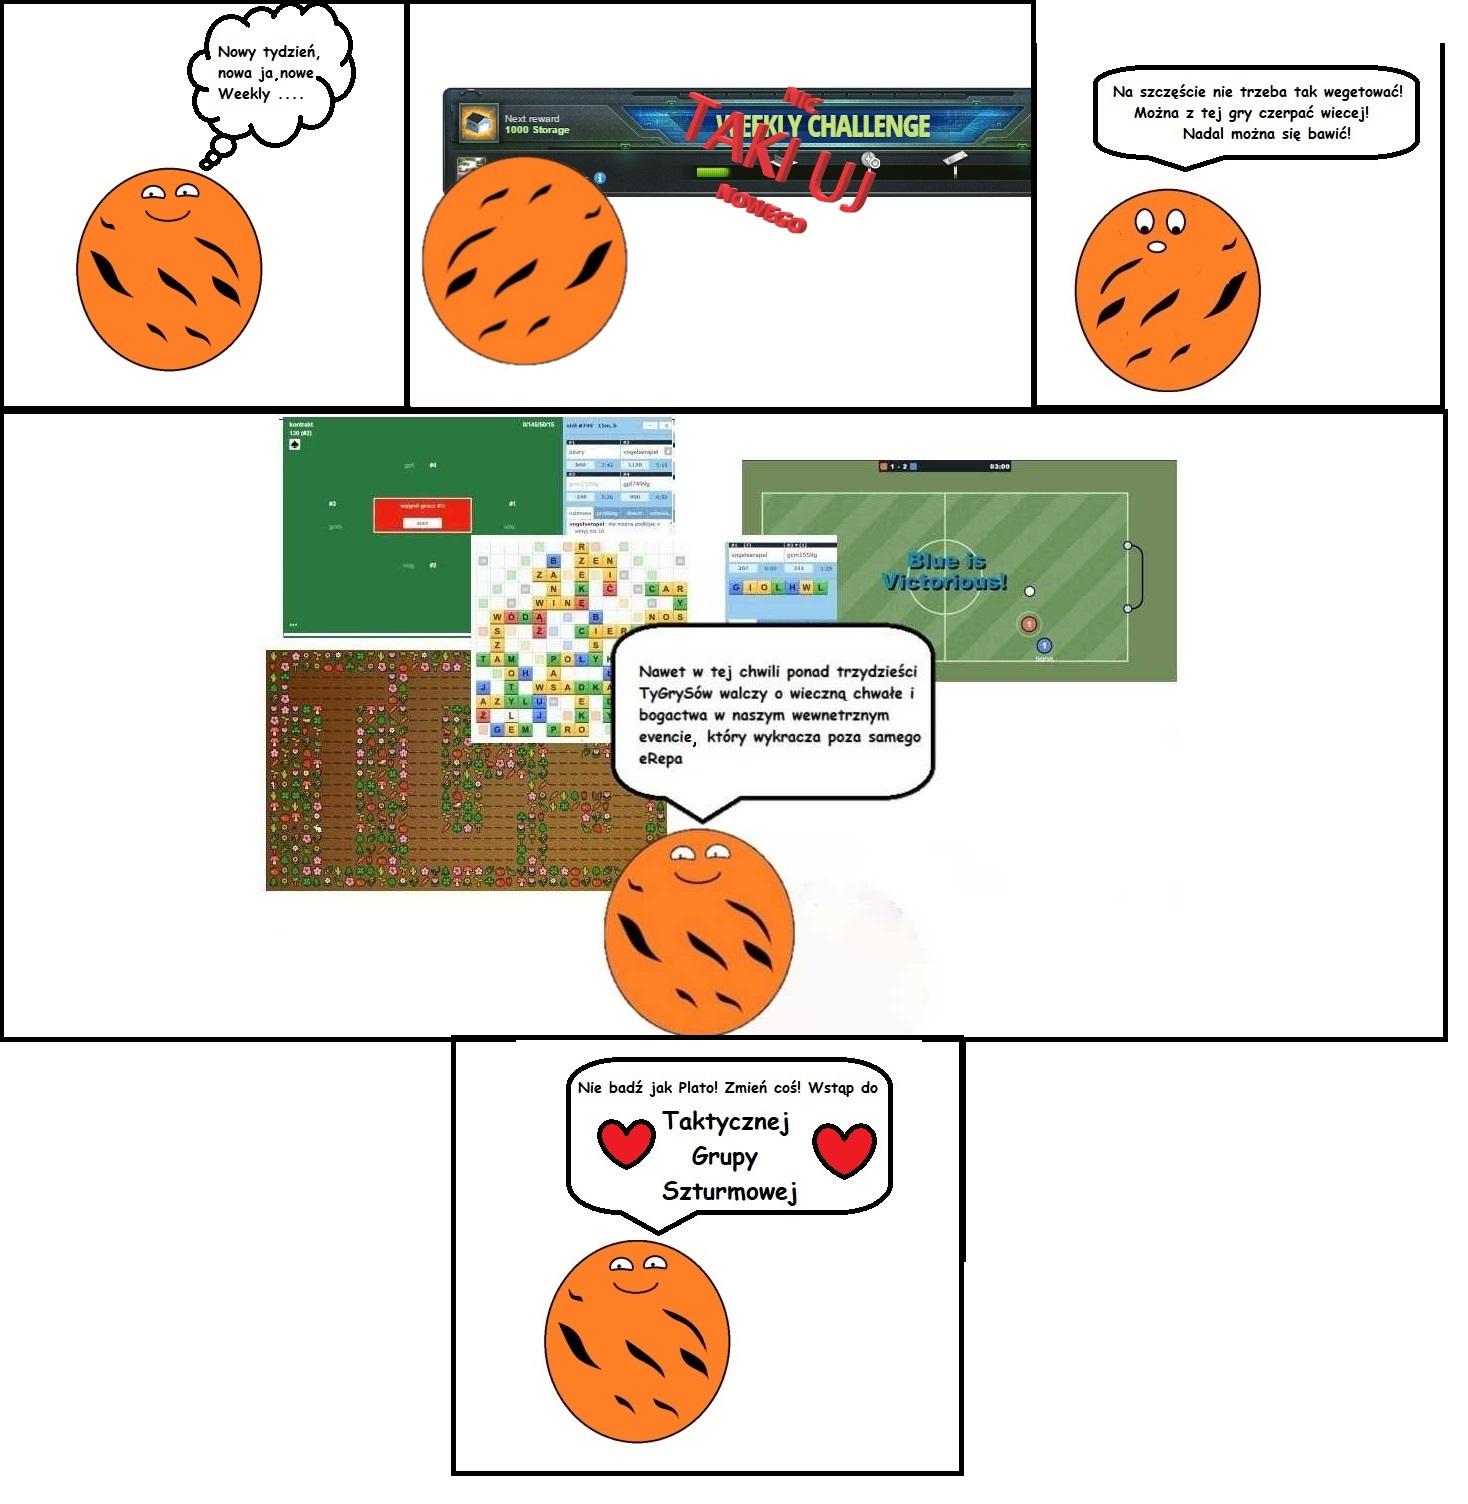 http://www.tgs.ayz.pl/Wydarzenia/wielka_rozroba/forum/komiks_Vogel_02.jpg